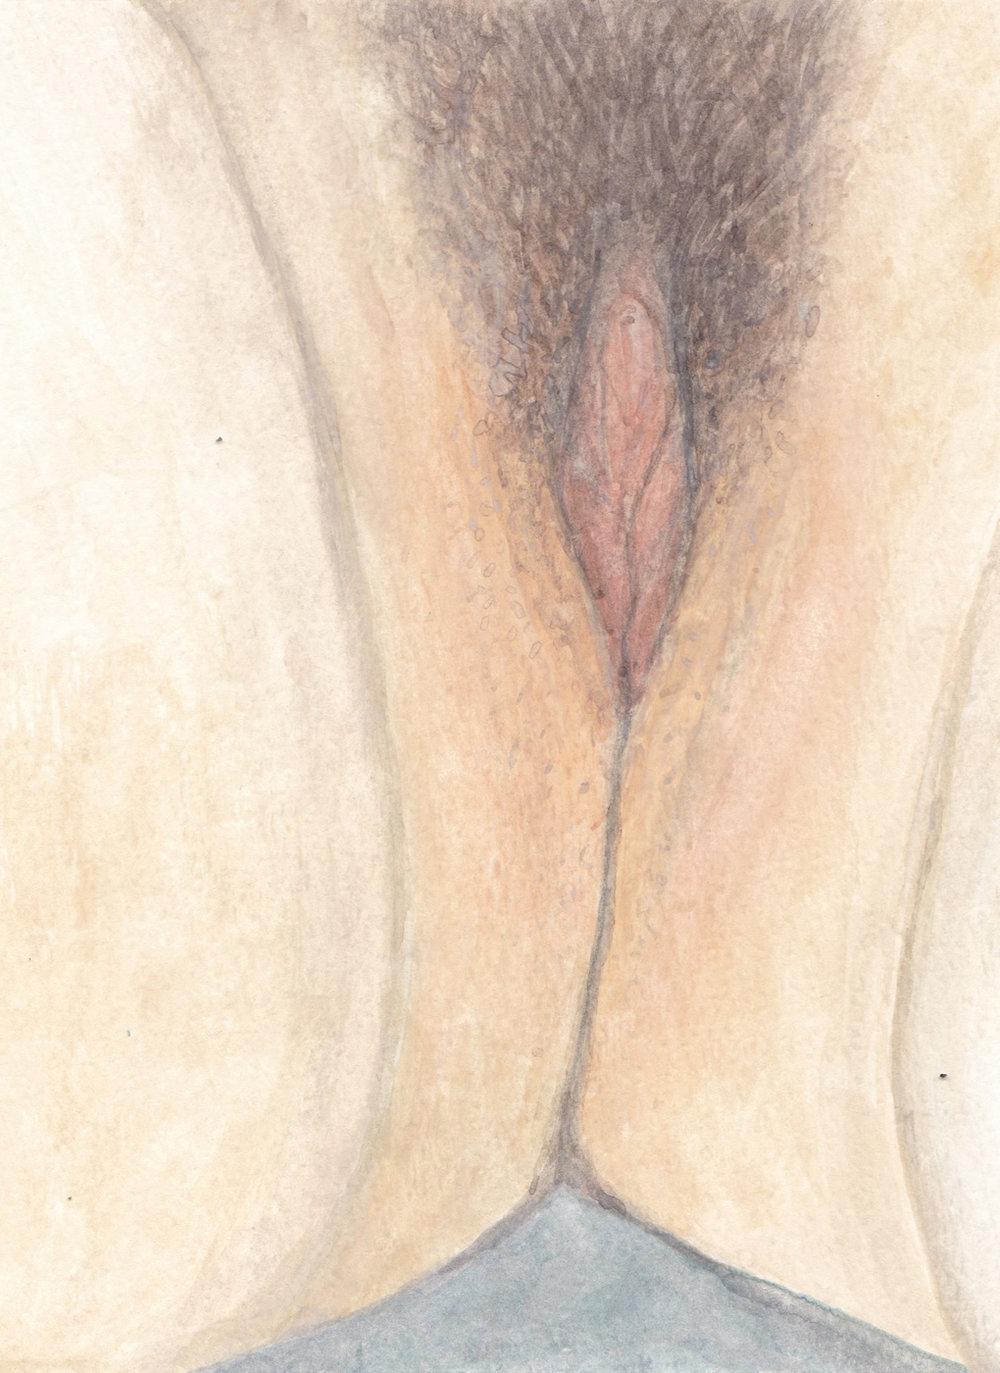 Sarah_Glick_romeo_erotic.jpg